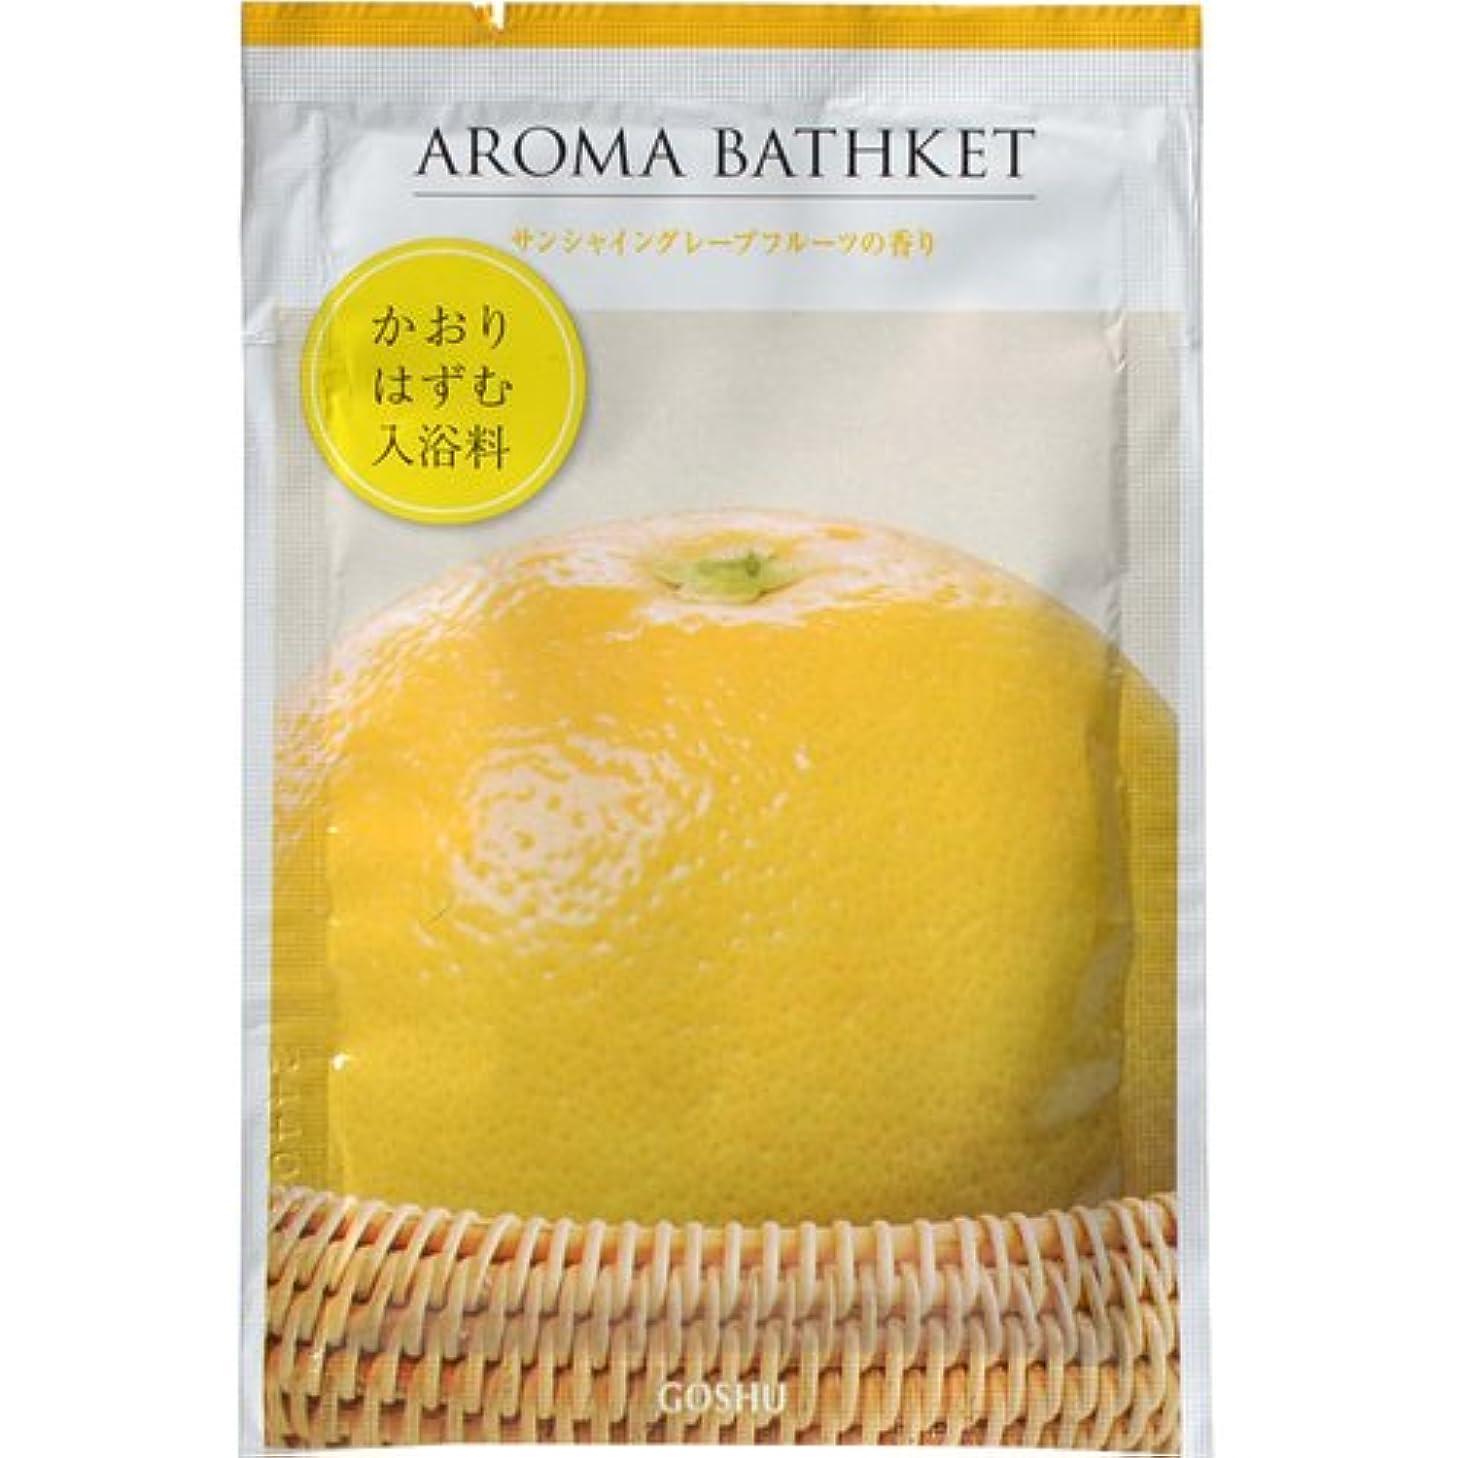 ボリュームちらつき利用可能アロマバスケット サンシャイングレープフルーツの香り 25g